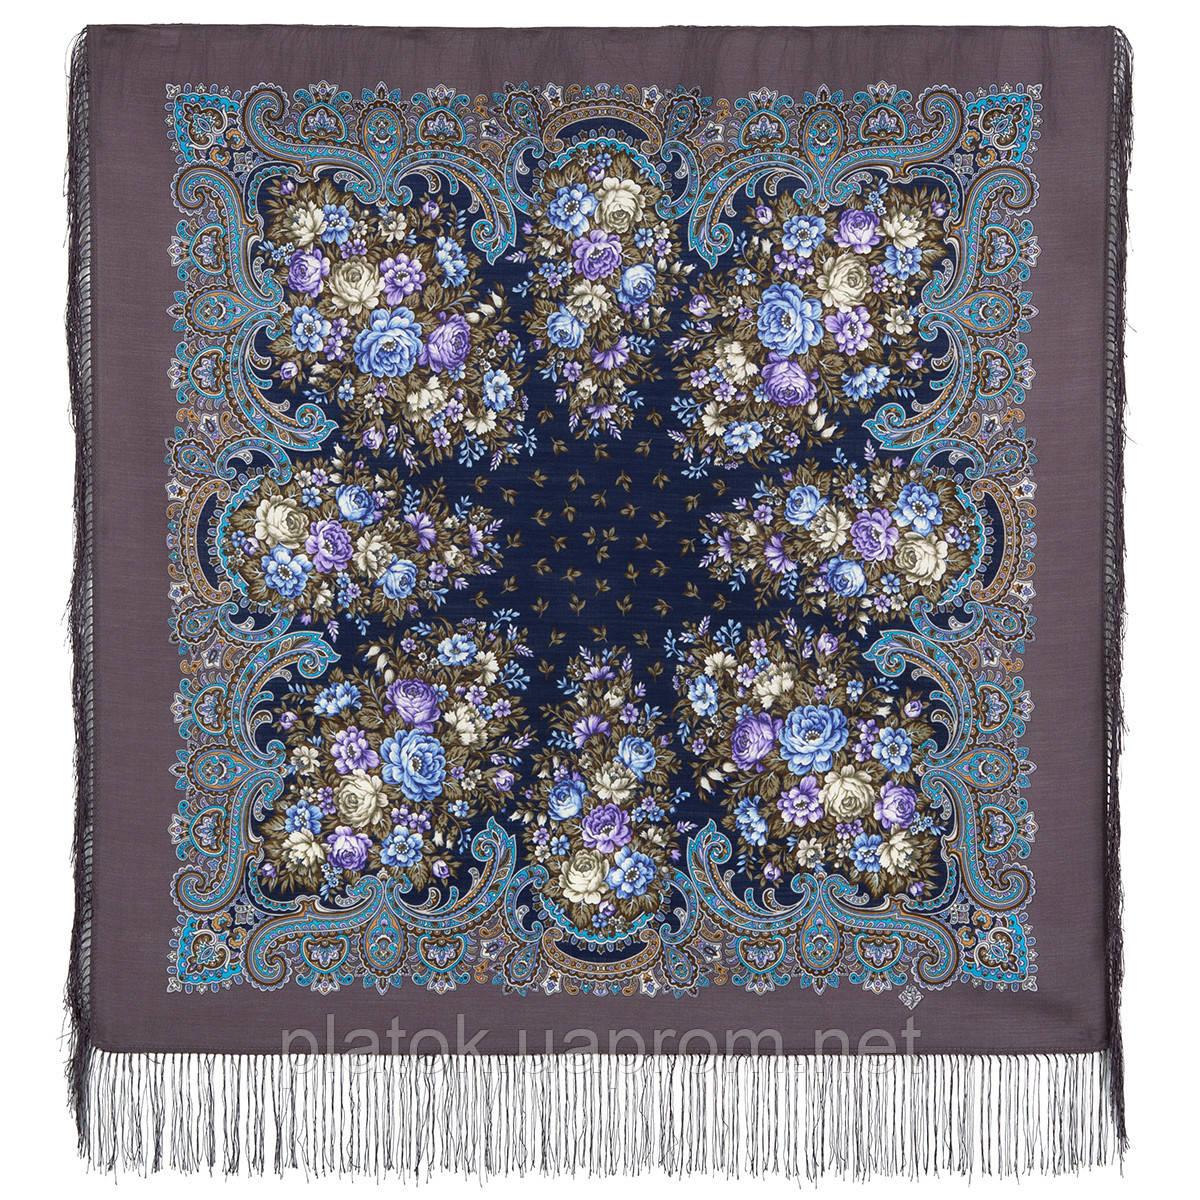 Душистый луг 1830-1, павлопосадский платок шерстяной  с шелковой бахромой